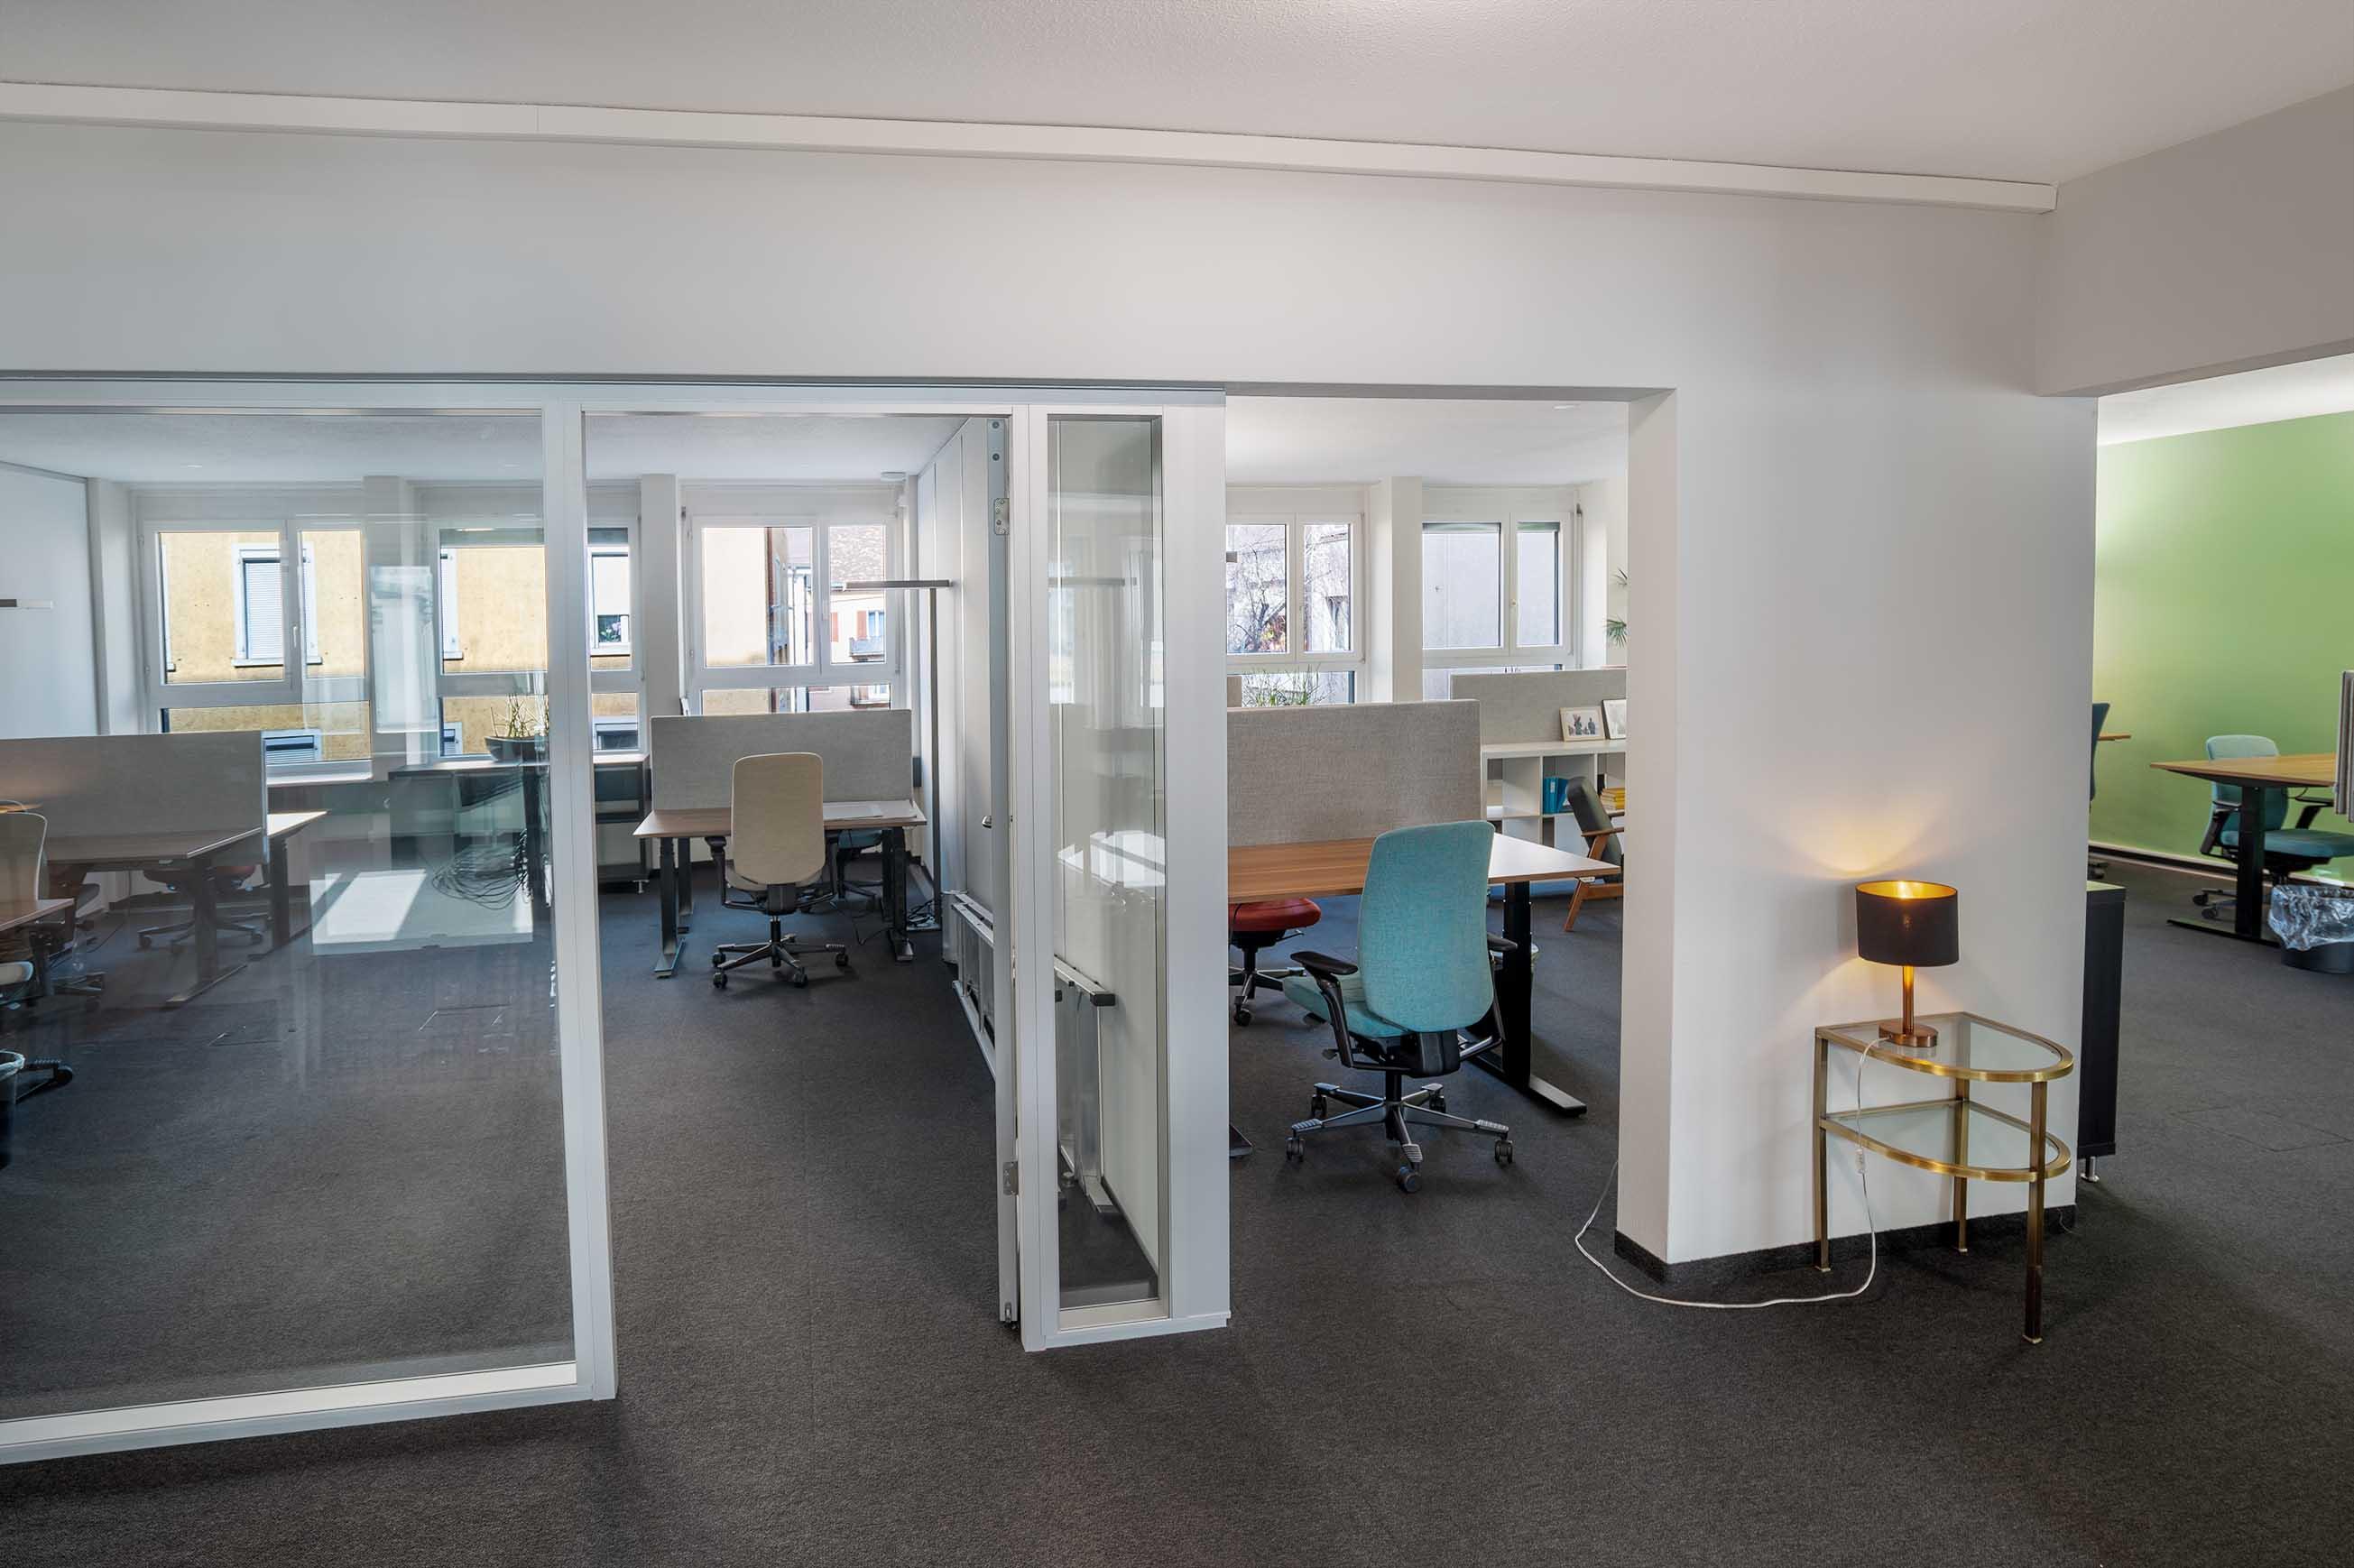 meetingroom in einem coworking shared office, bürogemeinschaft, arbeitsplätze mieten und vermieten